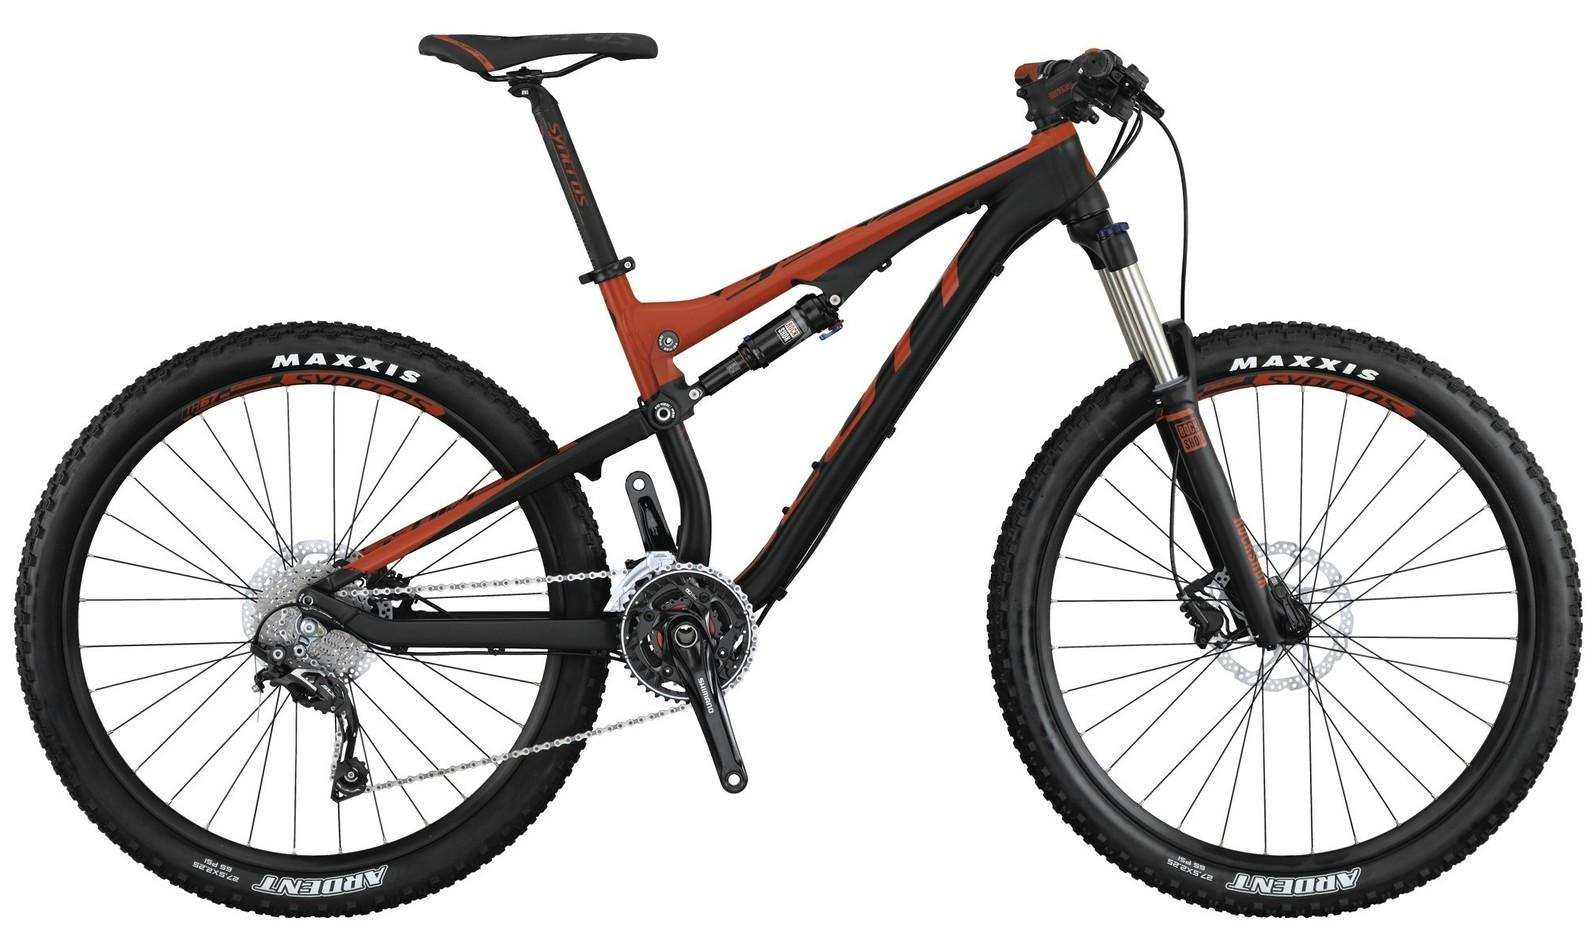 8b3c9912151 2015 Scott Genius 750 Bike - Reviews, Comparisons, Specs - Mountain ...